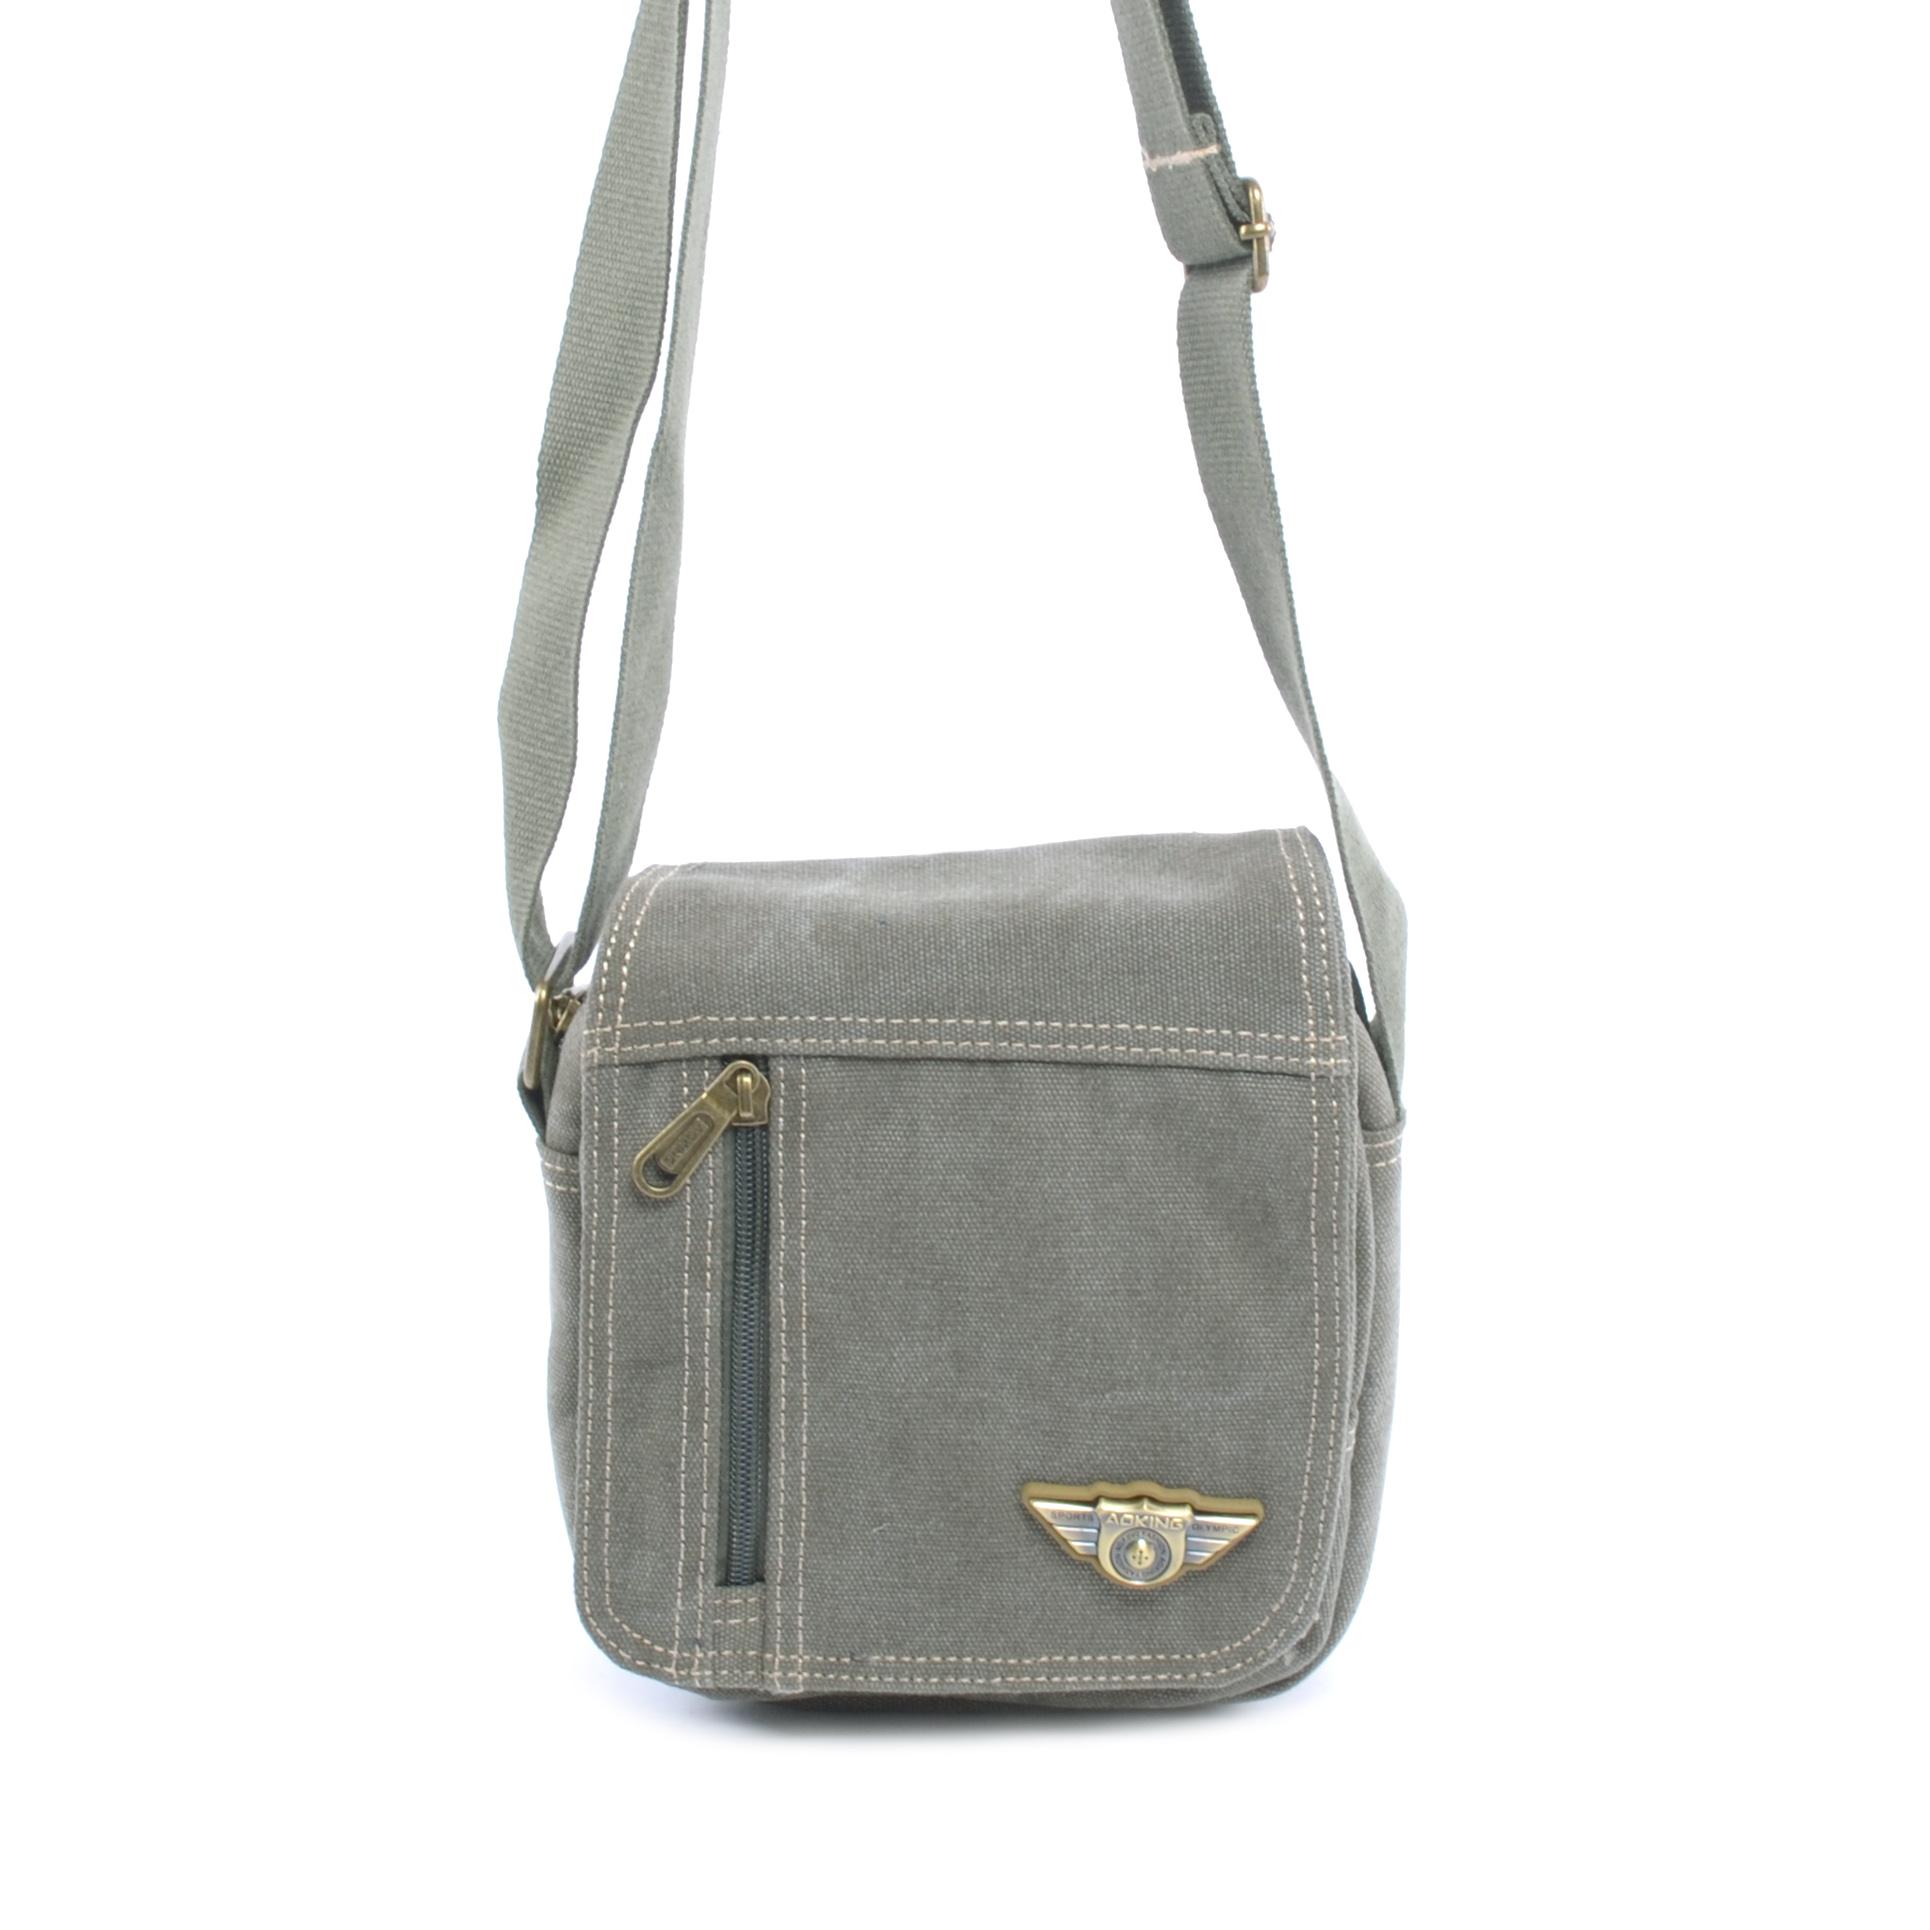 d8c854e78020 Kis Méretű Oldaltáska Zöld - OLDALTÁSKÁK - Táska webáruház - Minőségi  táskák mindenkinek